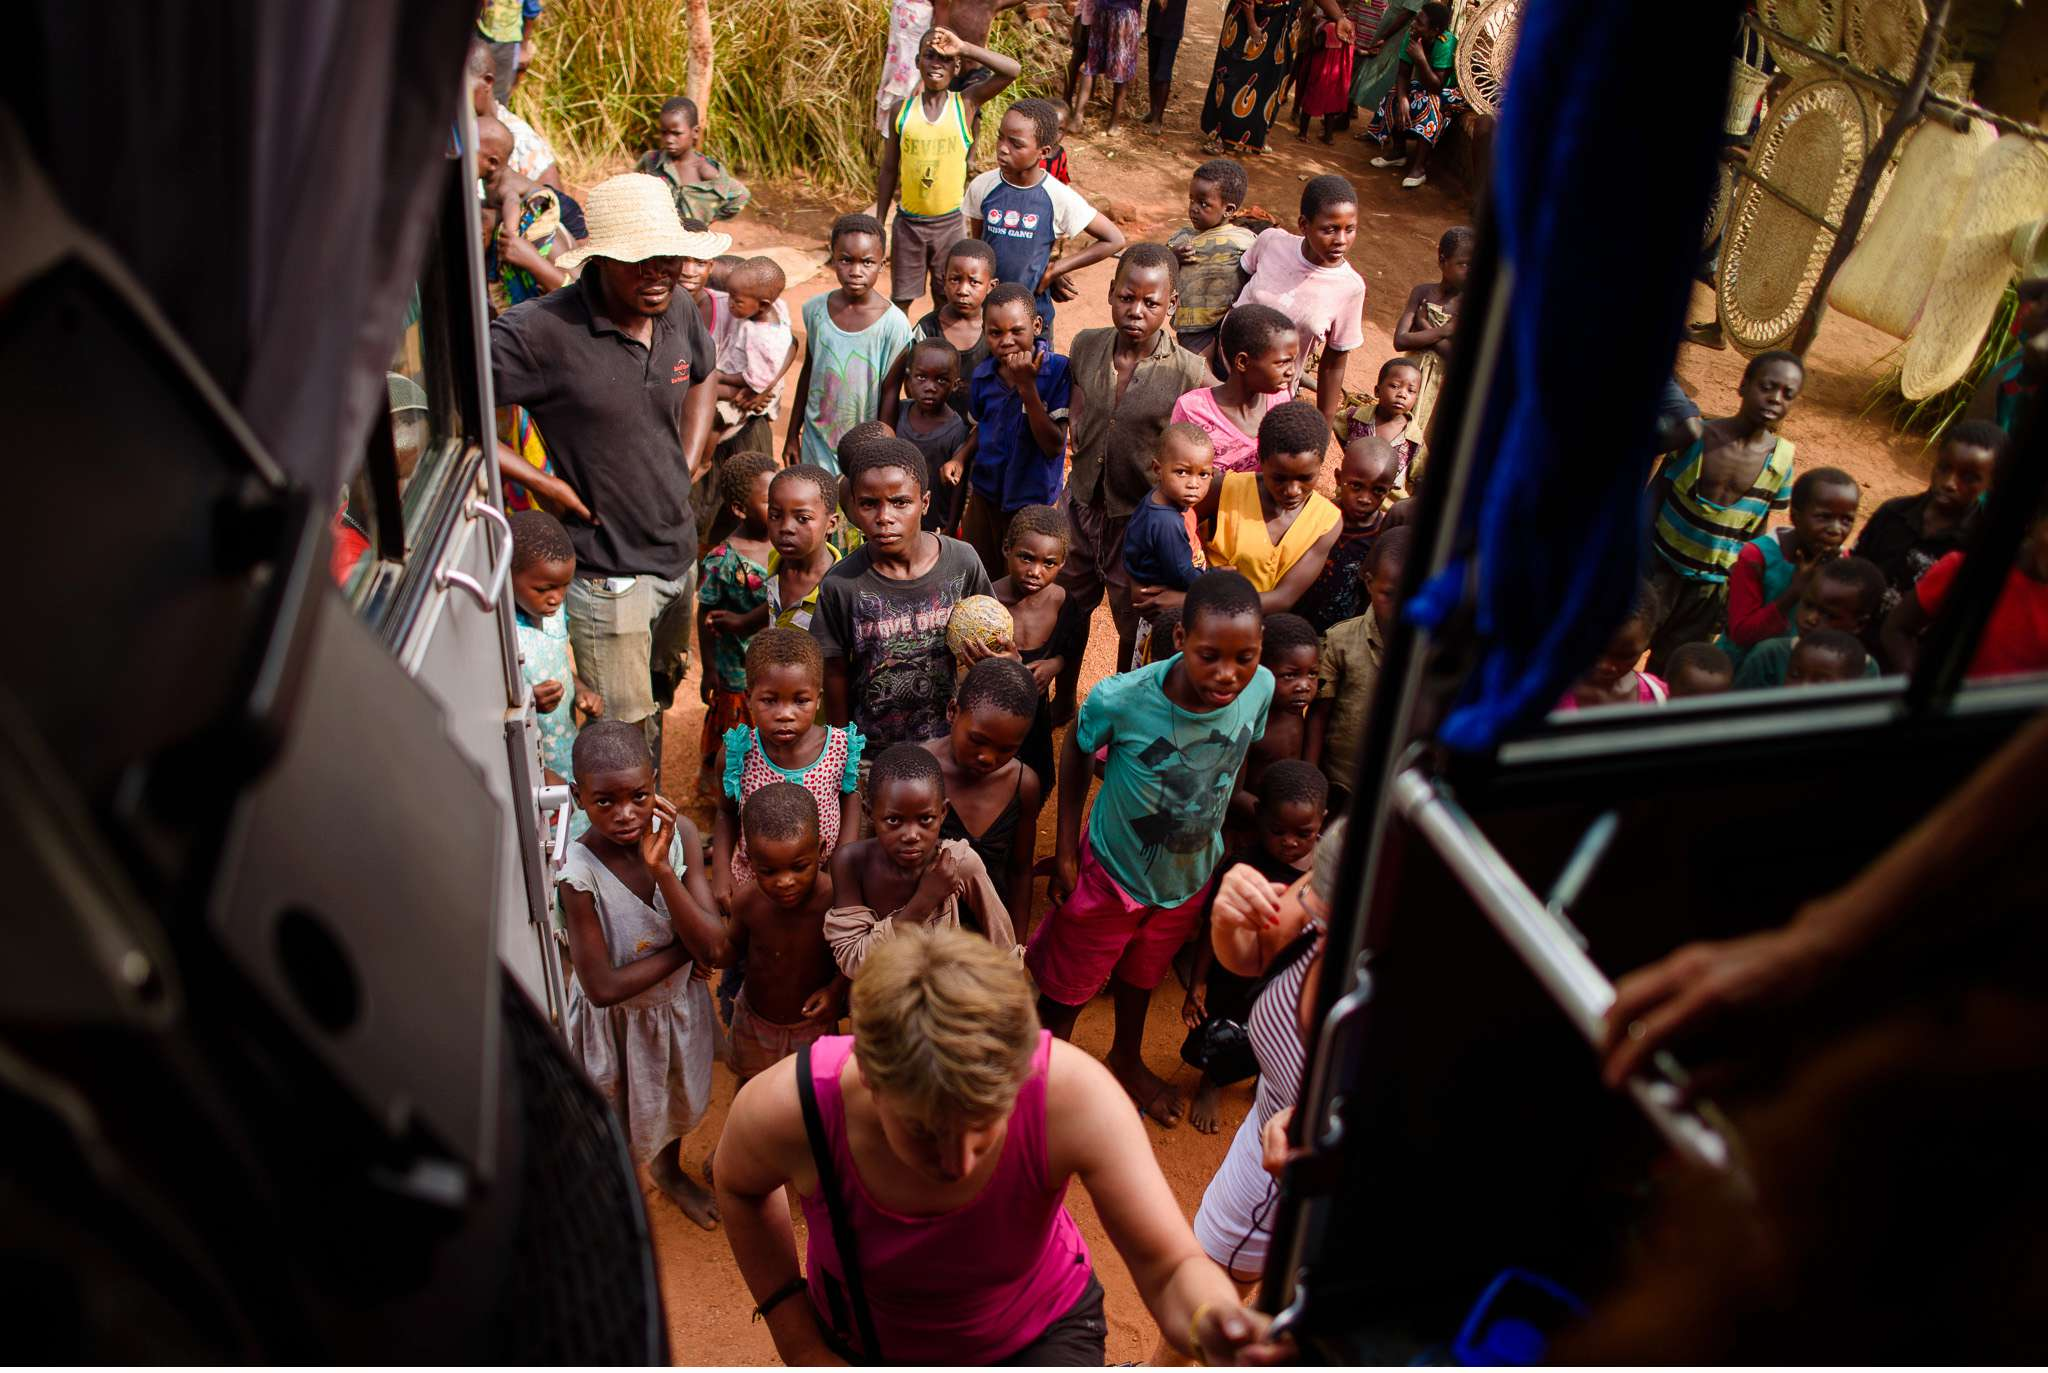 Malawi-Quer durch Afrika- Geschichten von unterwegs by Marion and Daniel-25